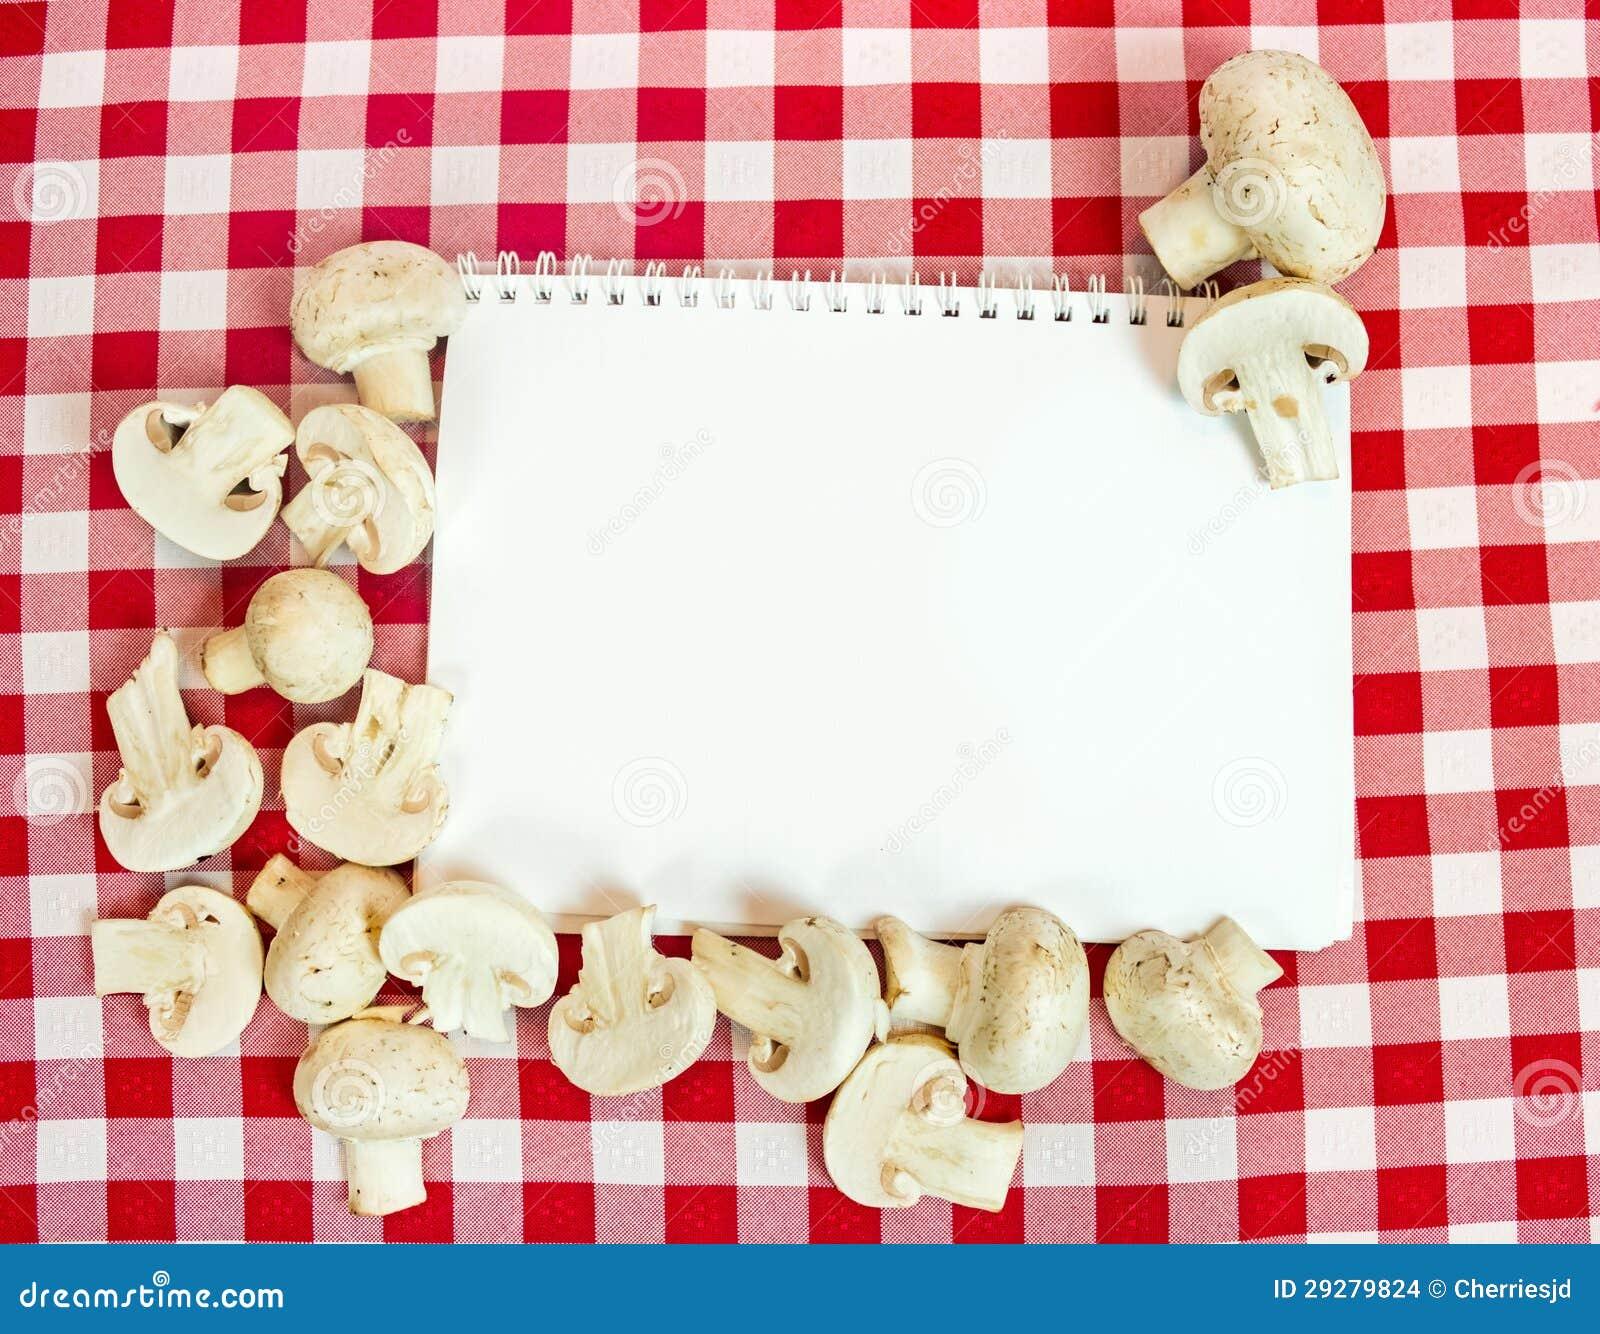 Achtergrond voor het koken recepten stock afbeeldingen afbeelding 29279824 - Koken afbeelding ...